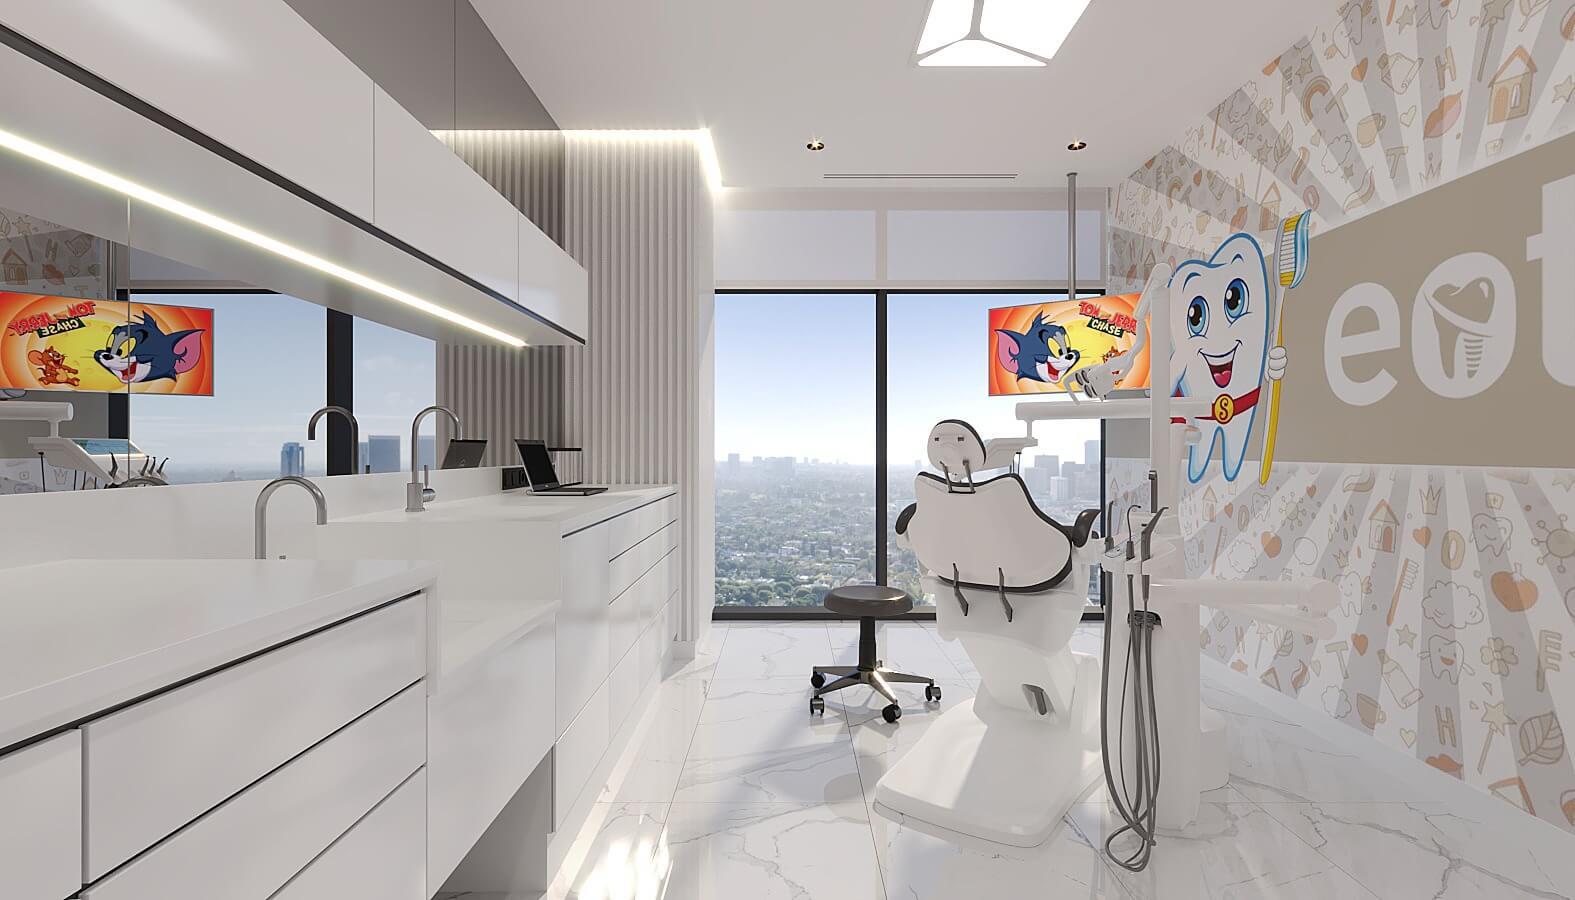 Diş kliniği tasarımı 4521 EOT Diş Kliniği Sağlık